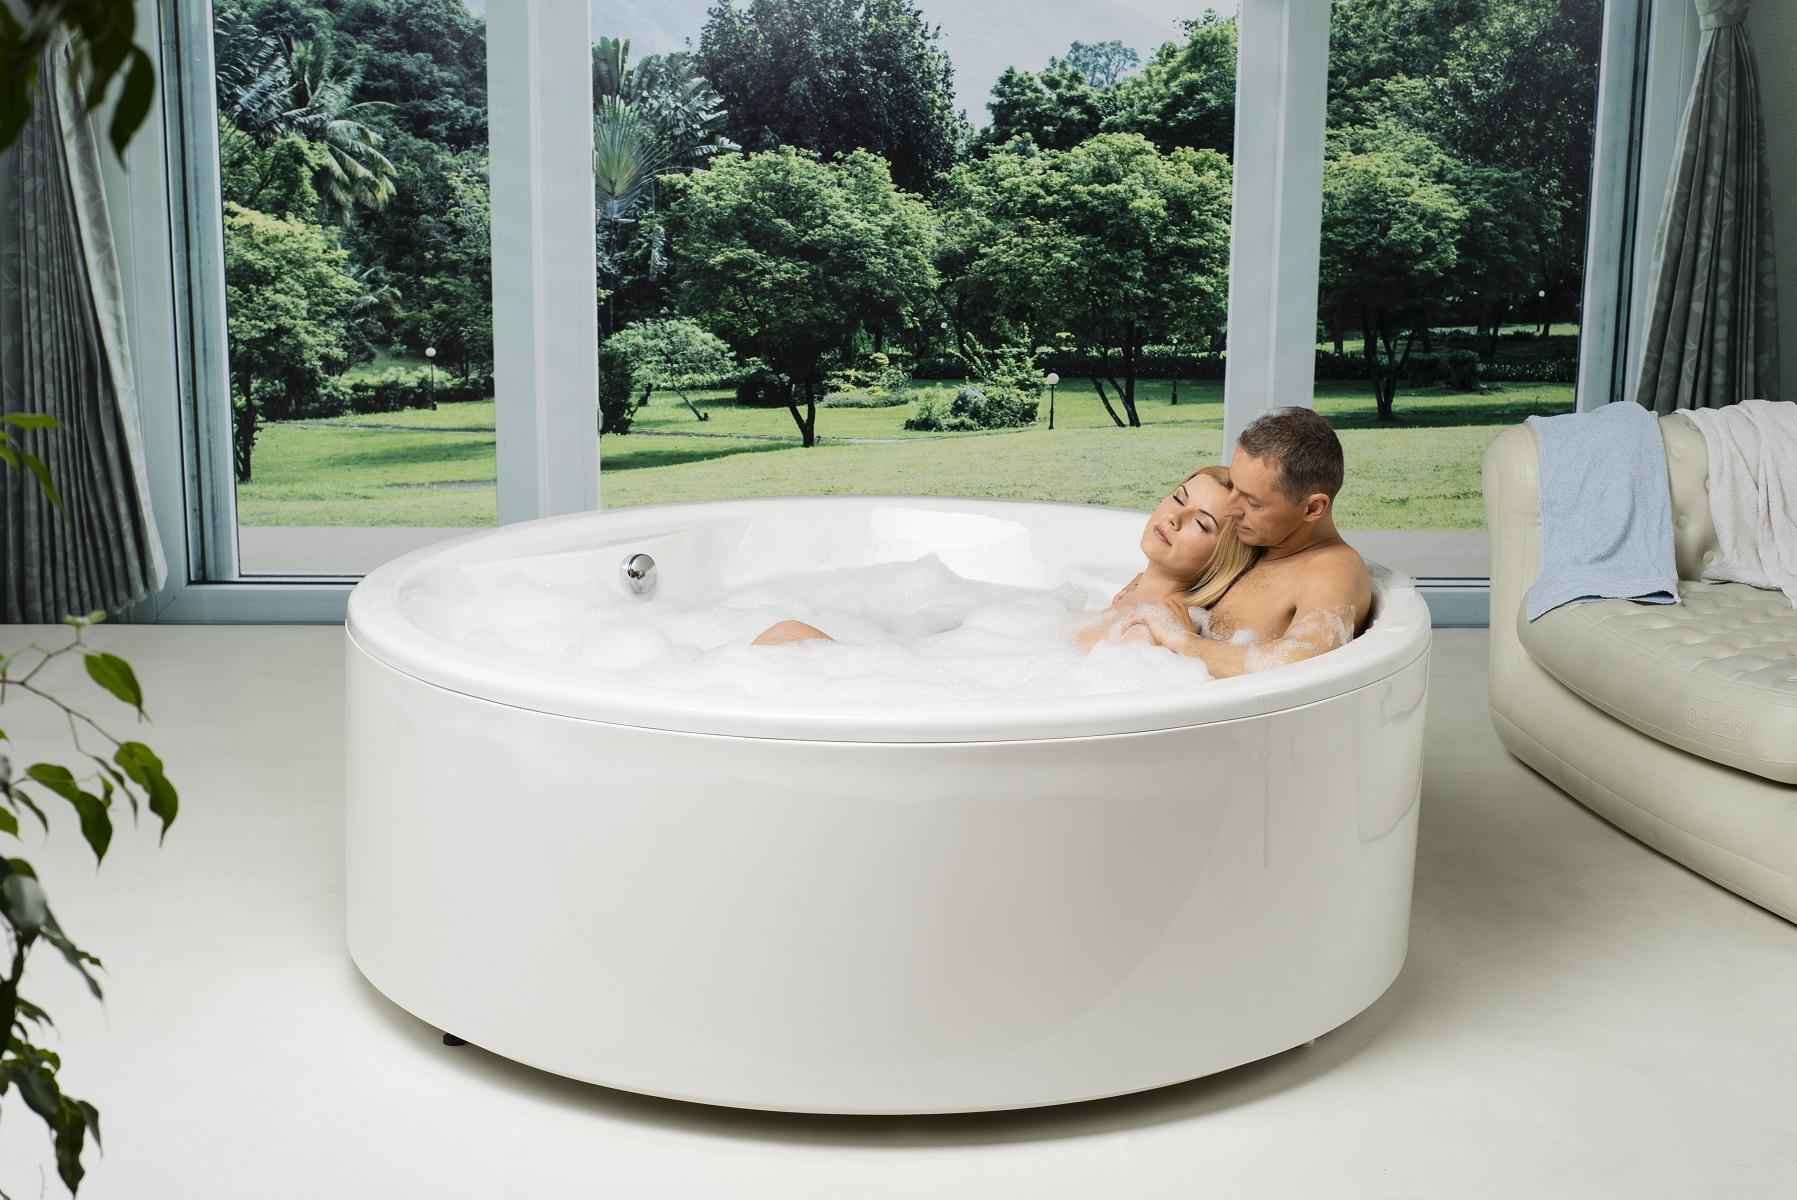 Allegra-Wht vasca da bagno freestanding Aquatica in materiale acrilico